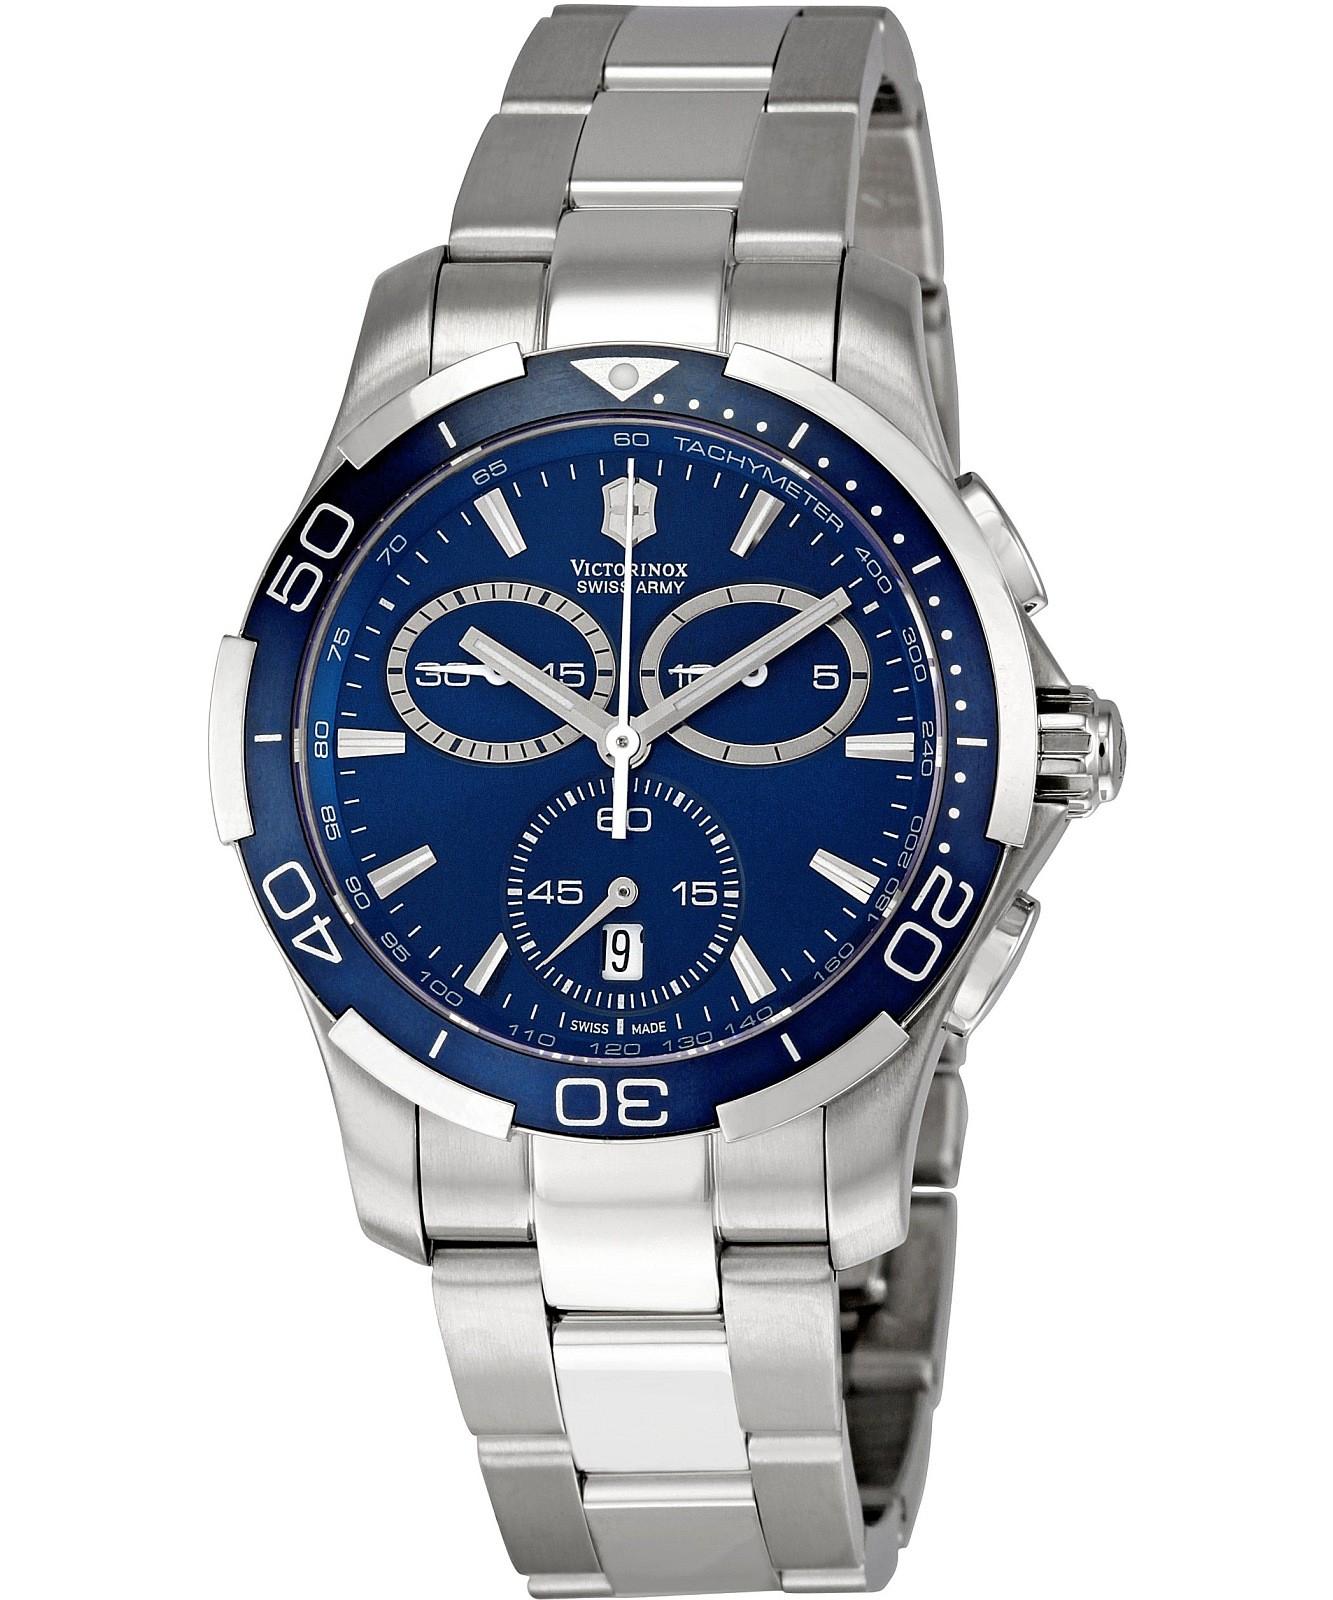 Victorinox zegarek